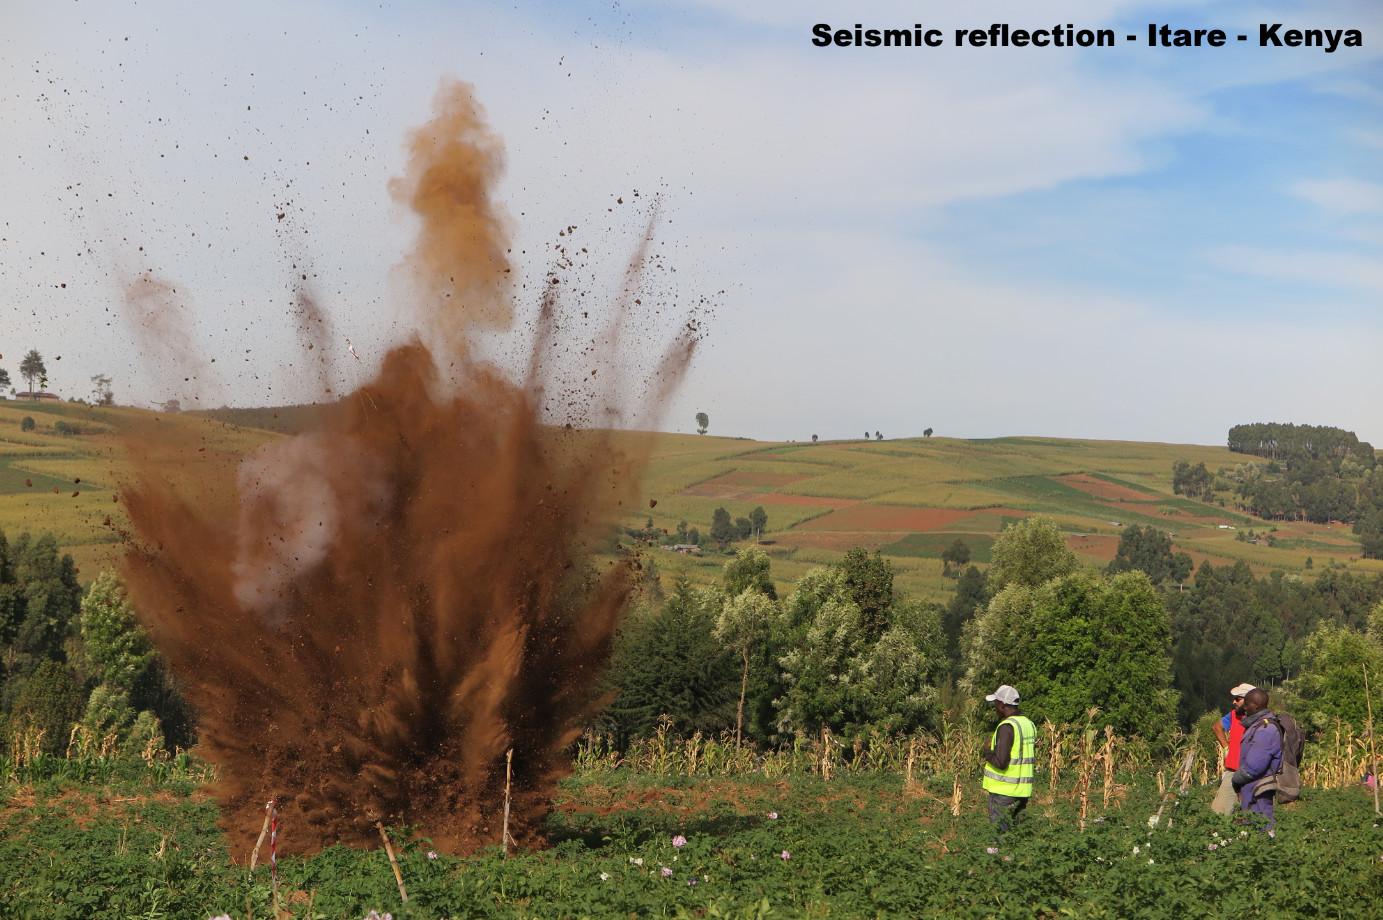 itare-kenya-esplosivo_